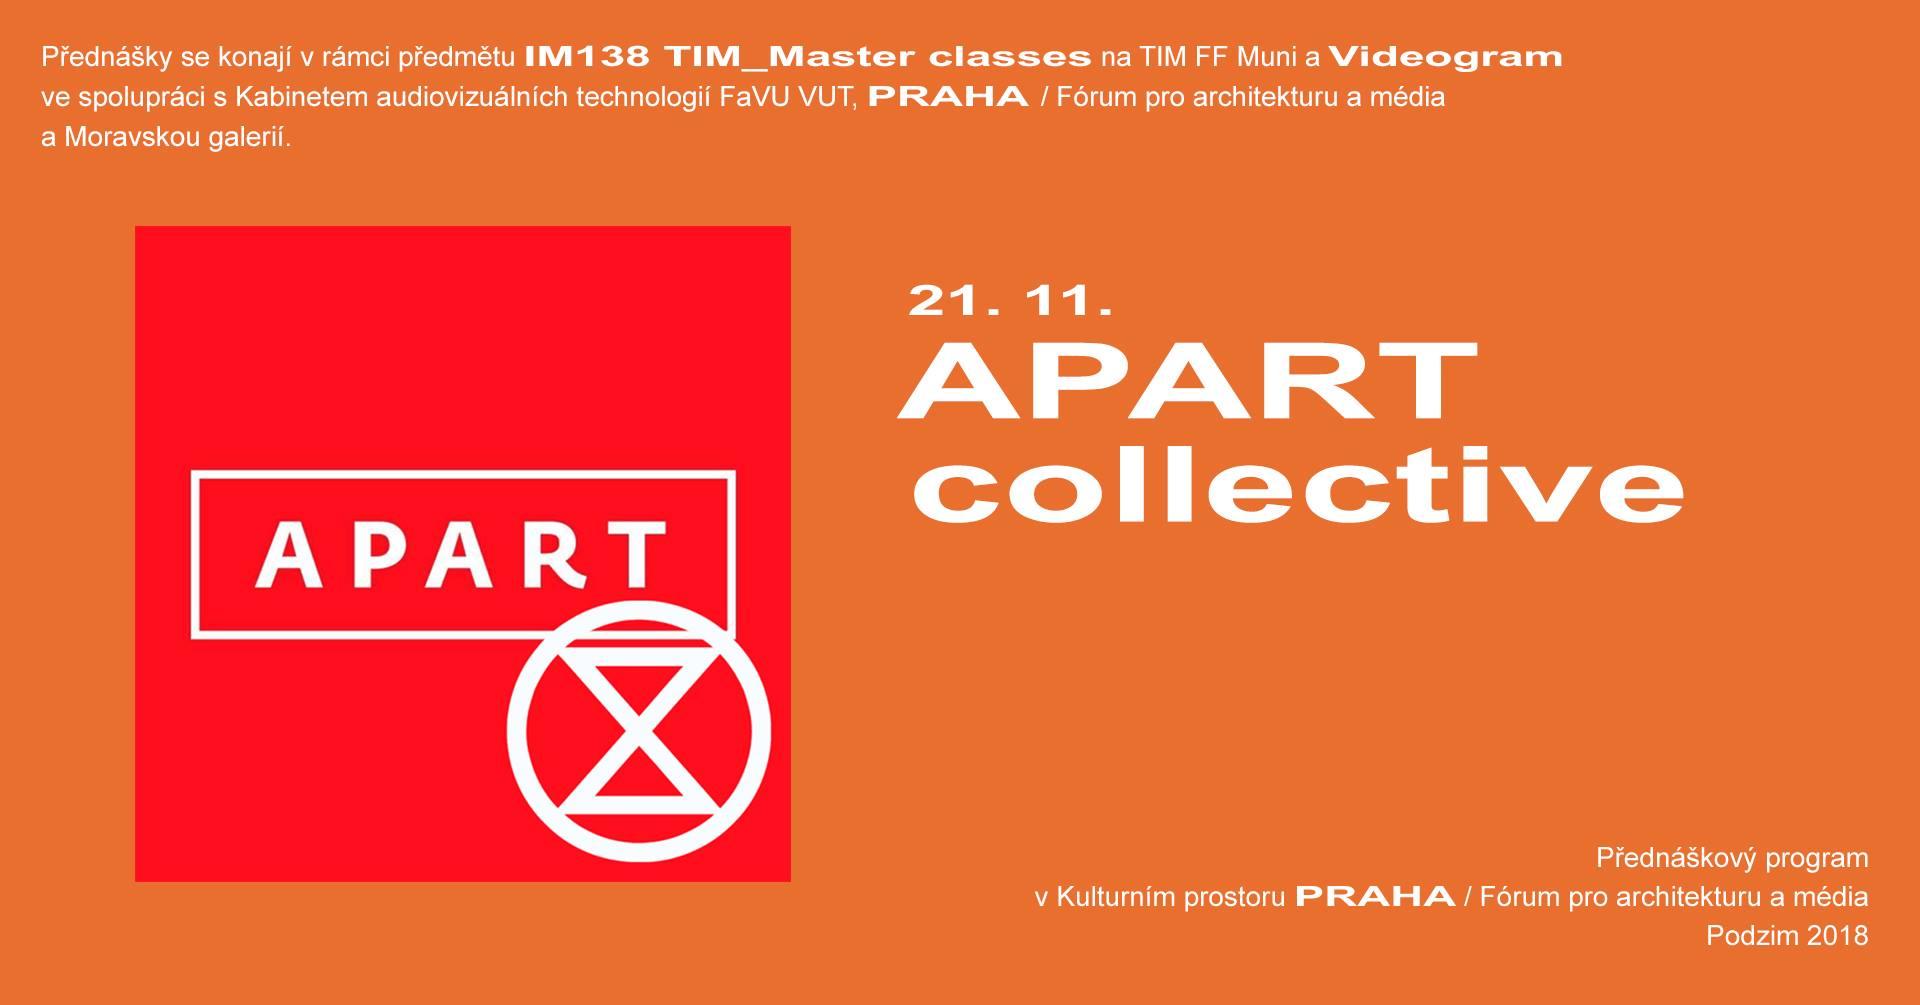 ST / 21.11. / 19.00 / VIDEOGRAM 81 / TIM Master class: Apart Collective / přednáška, diskuse